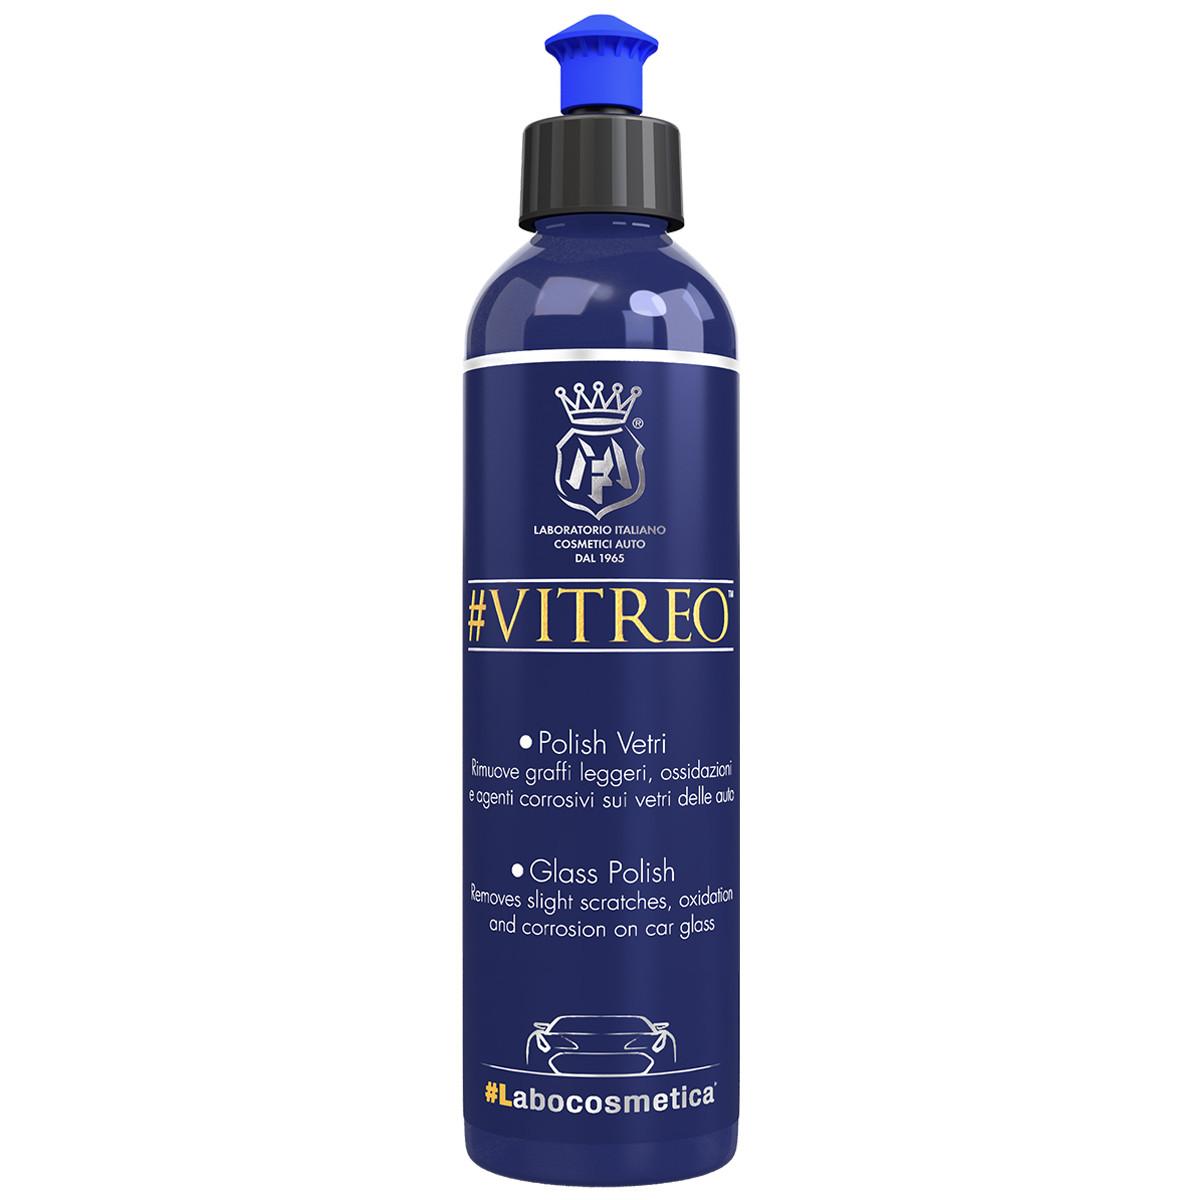 Labocosmetica Vitreo полировальная паста для стекла